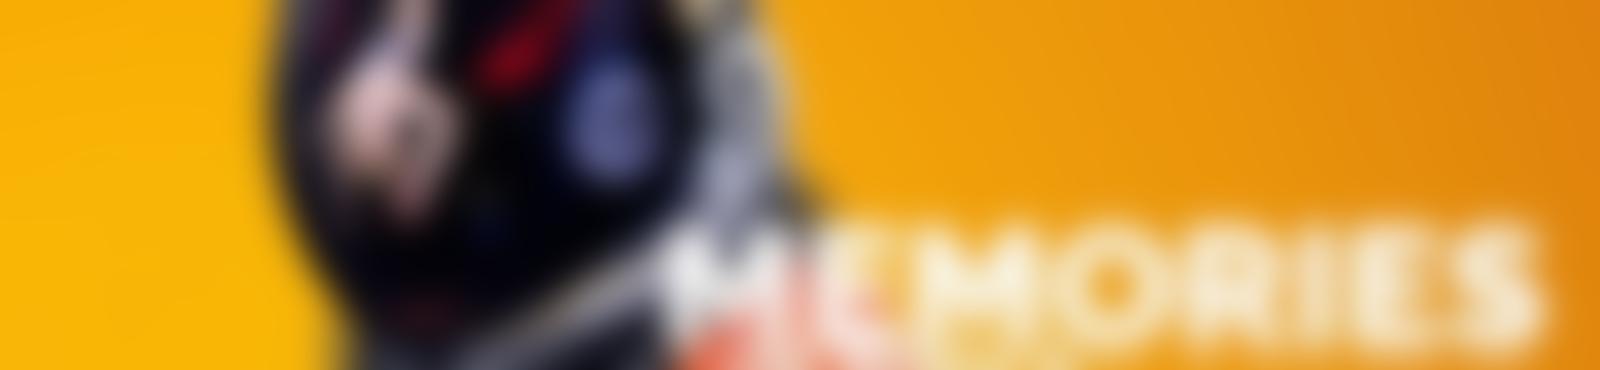 Blurred 4a4021ab 07ff 4c84 ada4 77ec9abec8dd